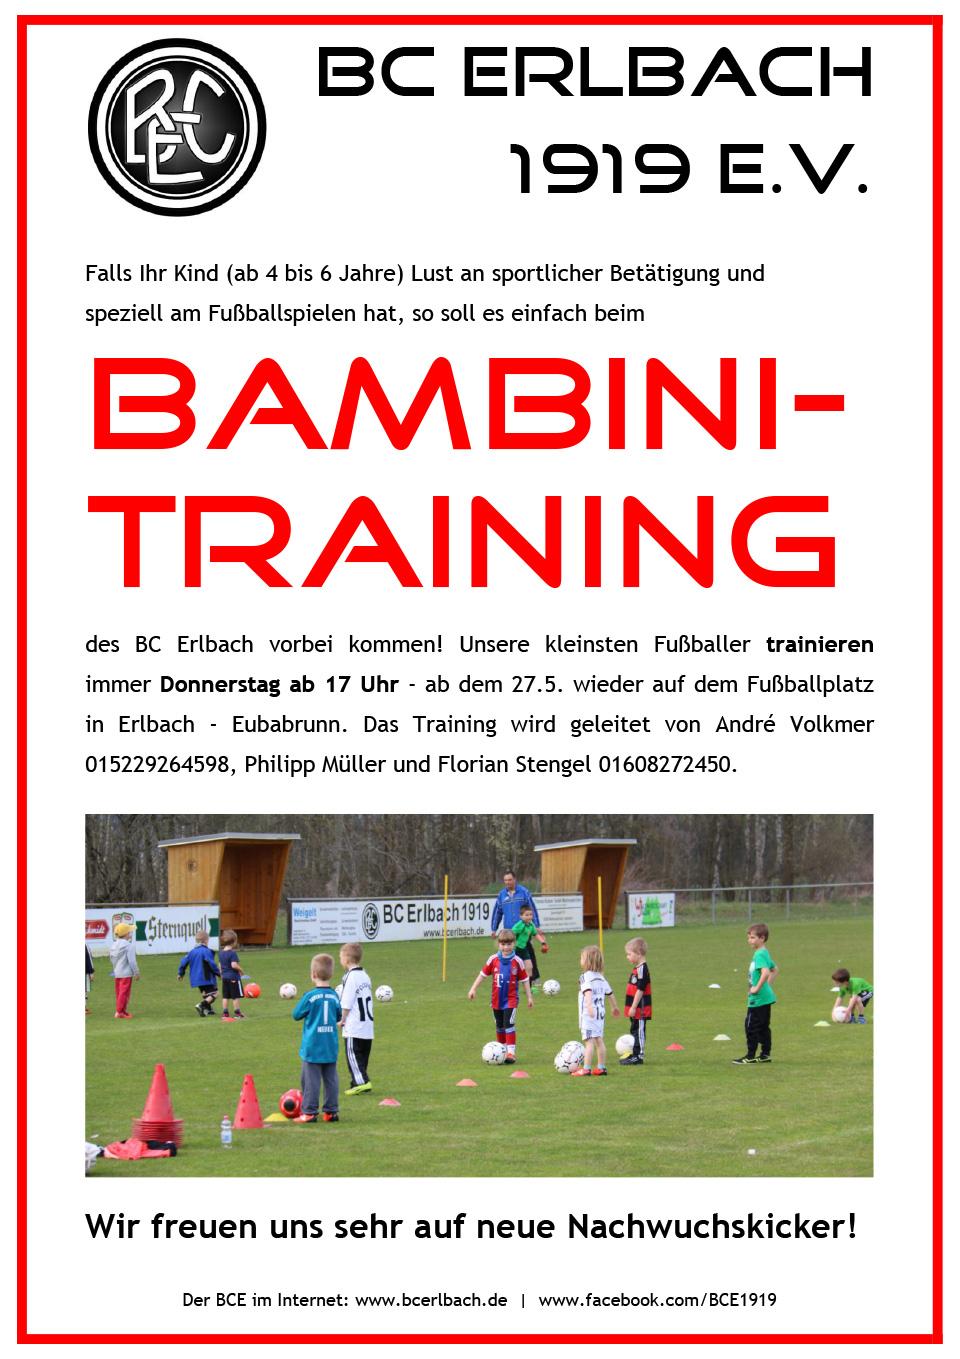 Bambini - BC Erlbach 1919 e.V.